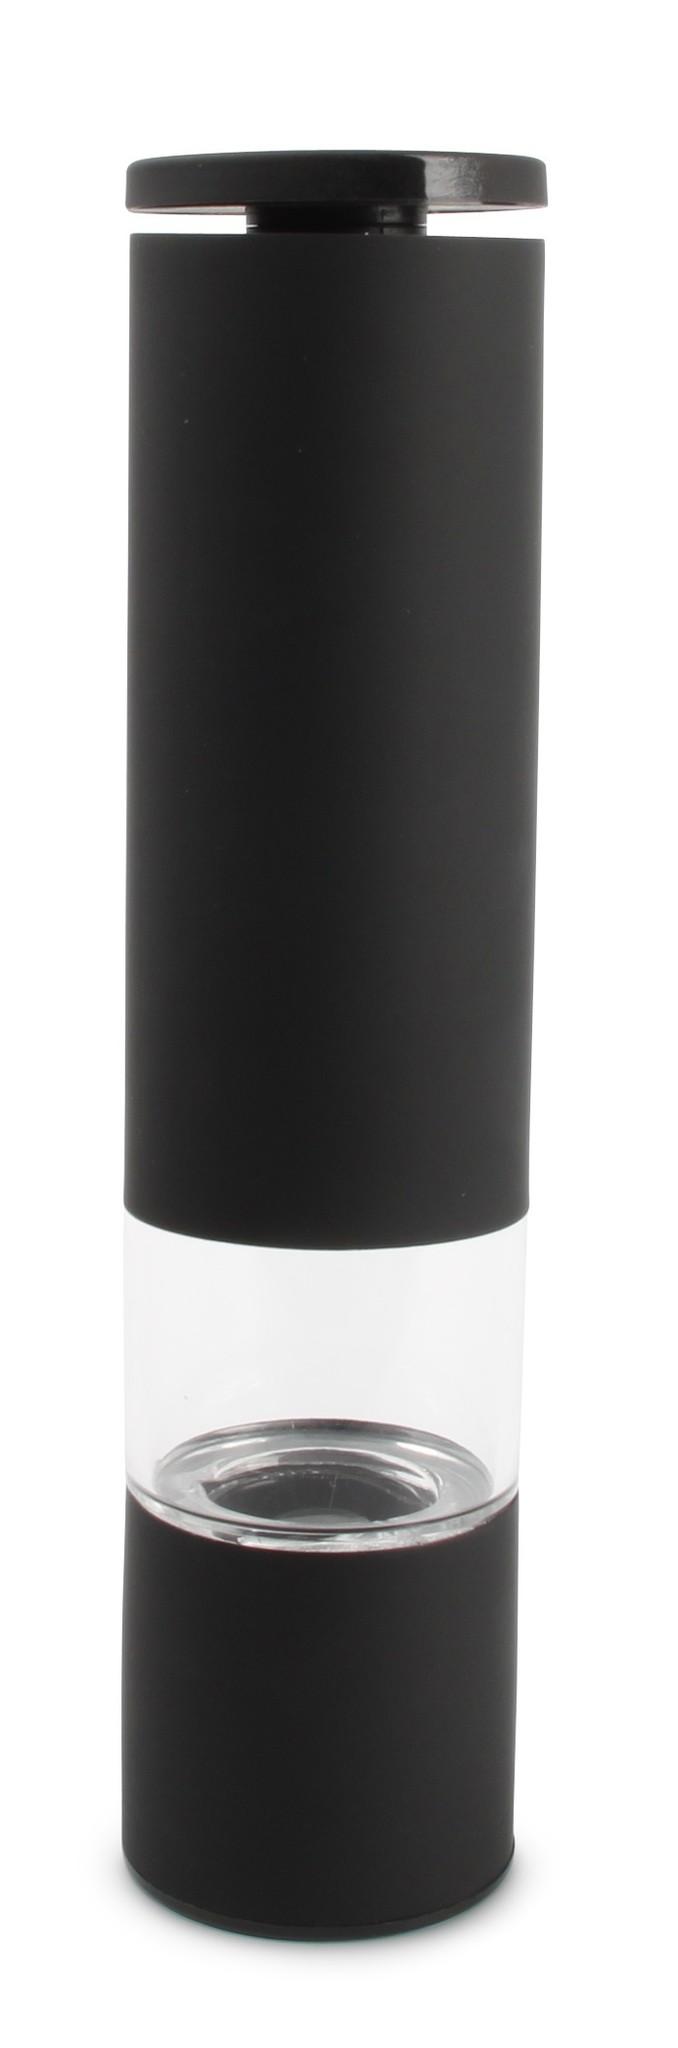 Peper- of zoutmolen zwart 215 mm